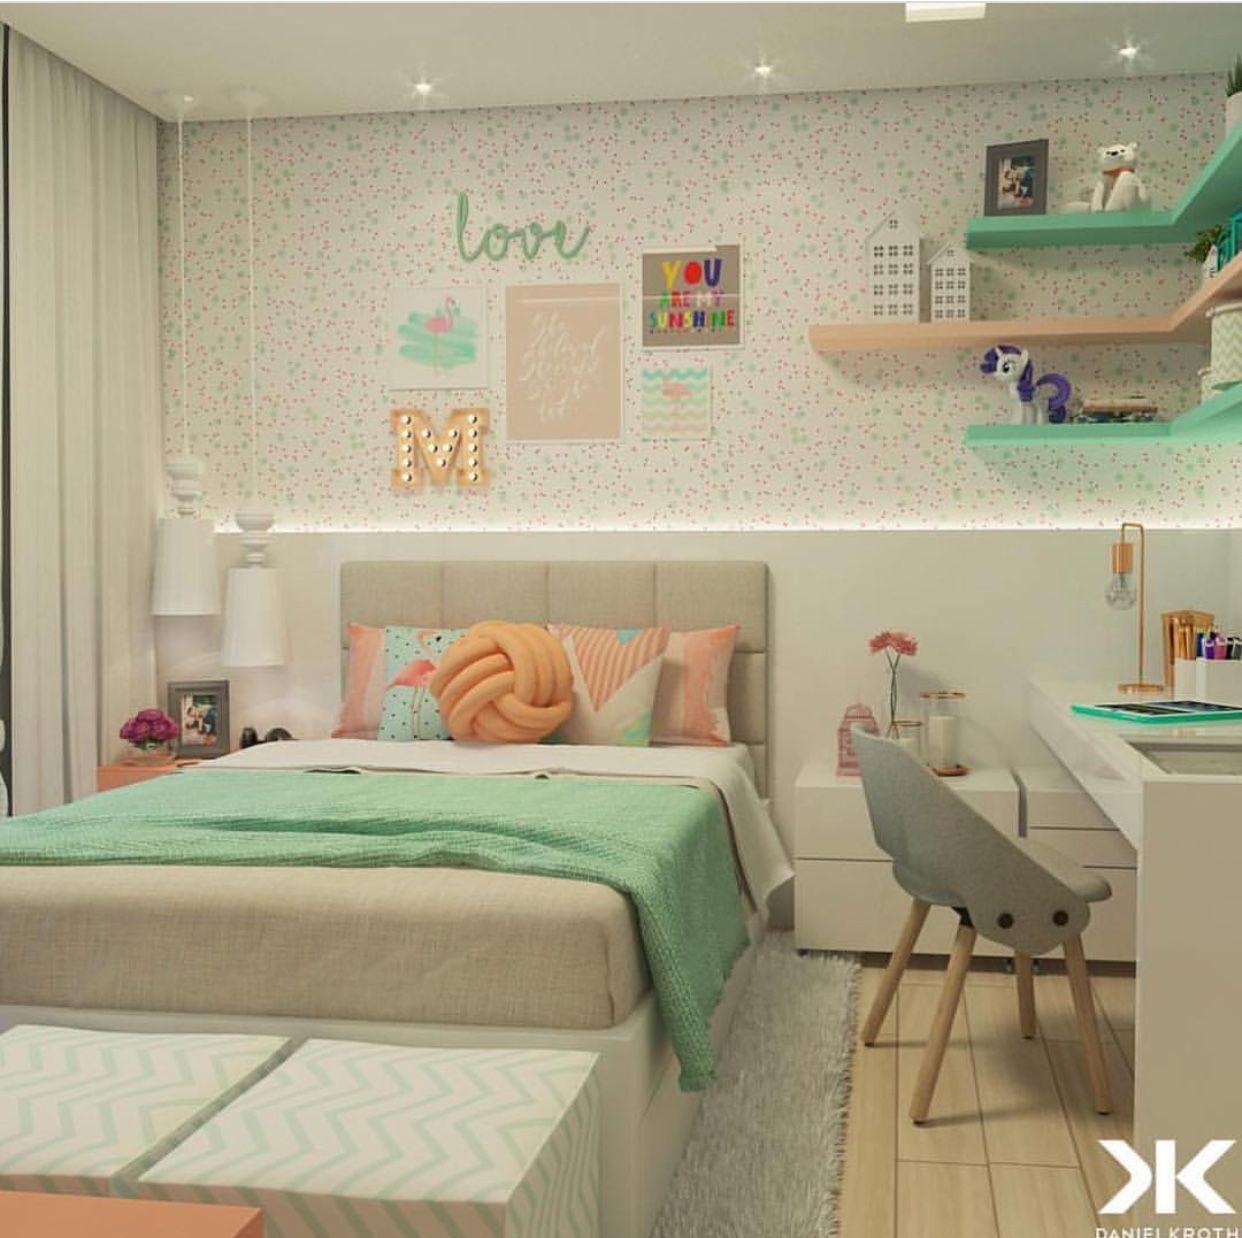 Habitaciones De Ensueño Dormitorios Decoracion De: Dormitorios De Chico, Habitaciones